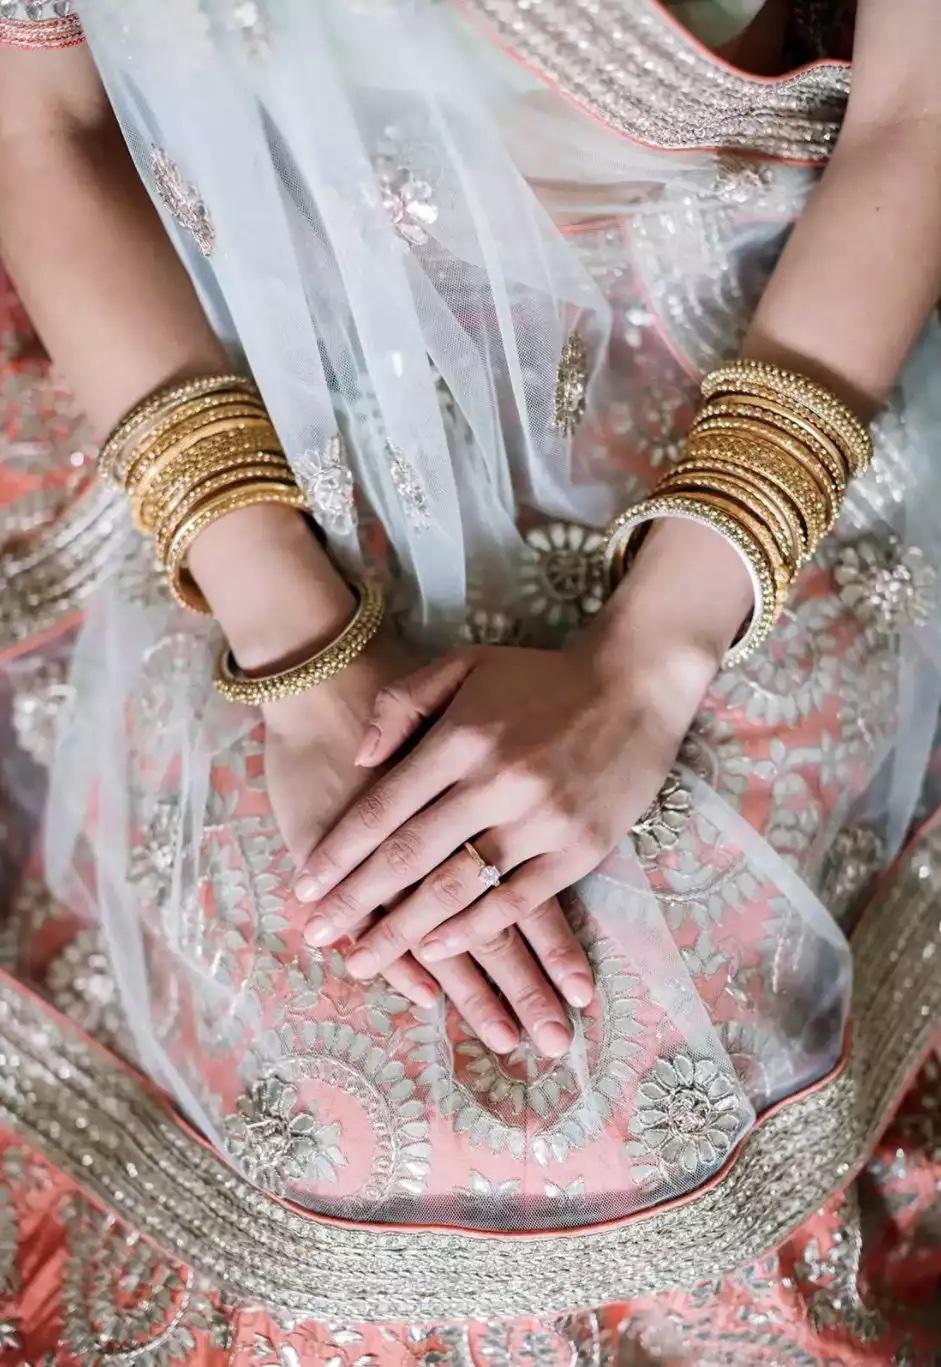 Tendencias en manicure para novias 2021 2022 - Andrew Bayda- Wedding Hub - 02